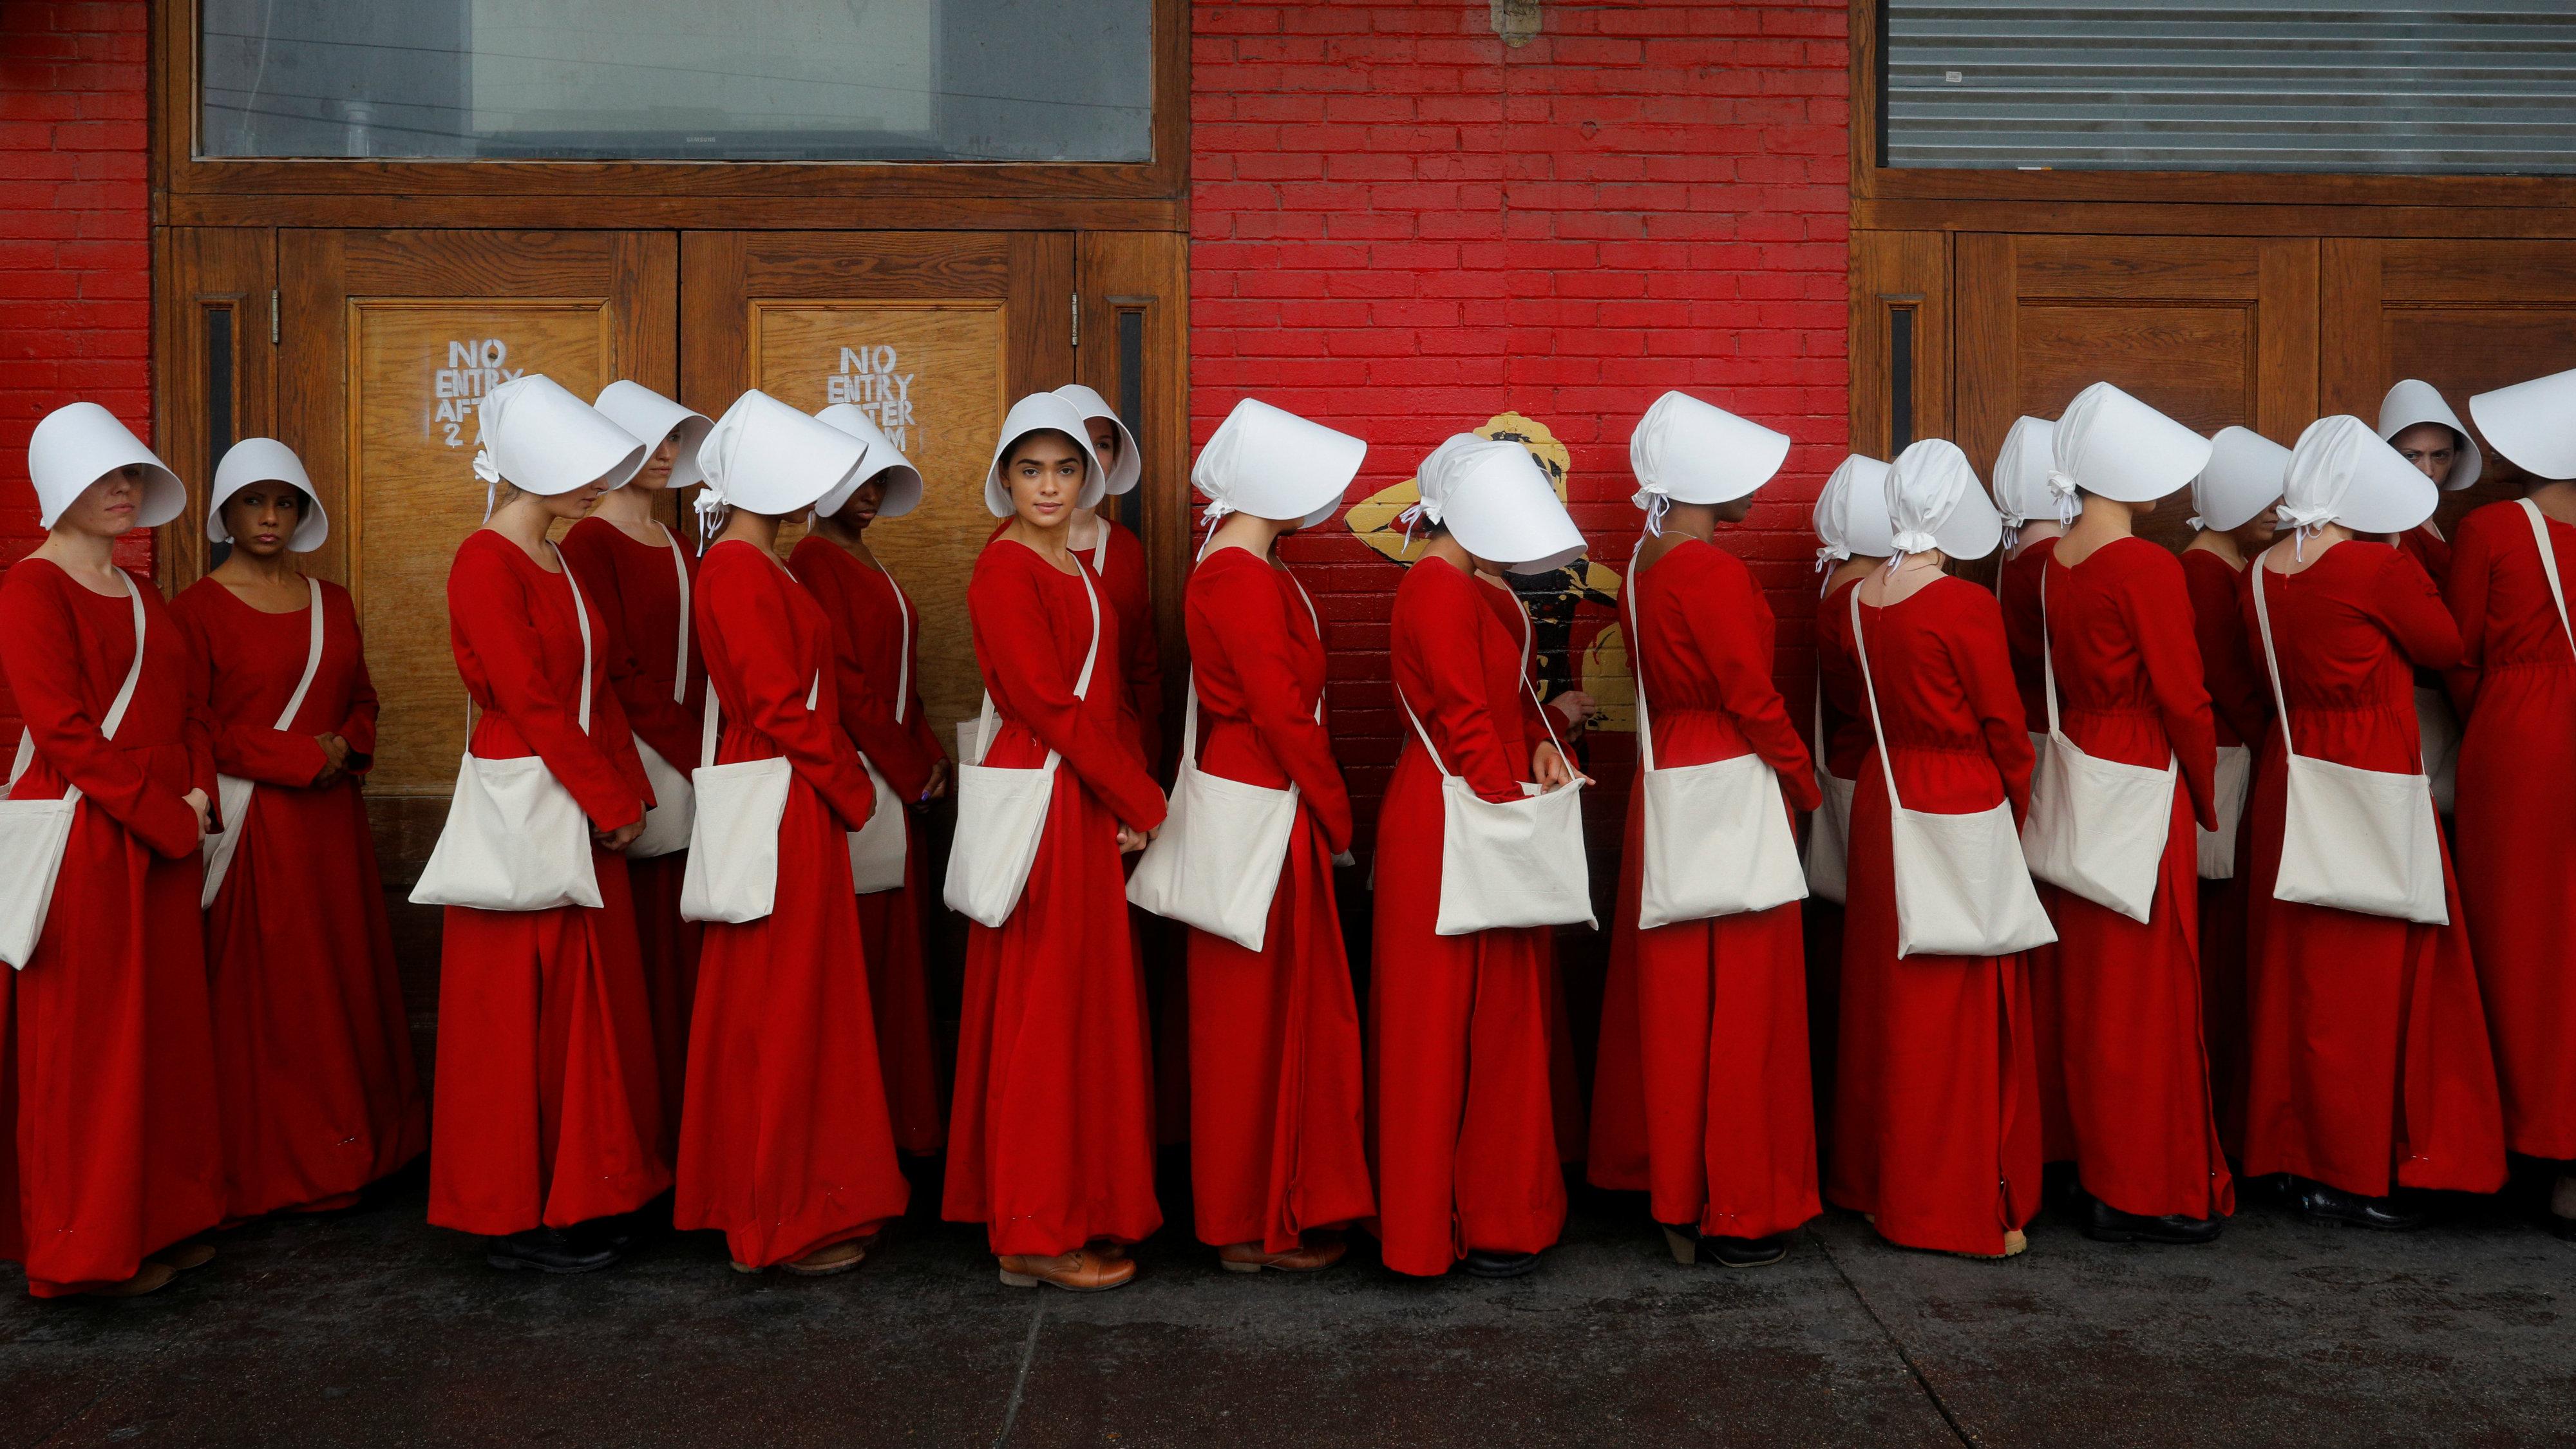 women dressed as handmaids